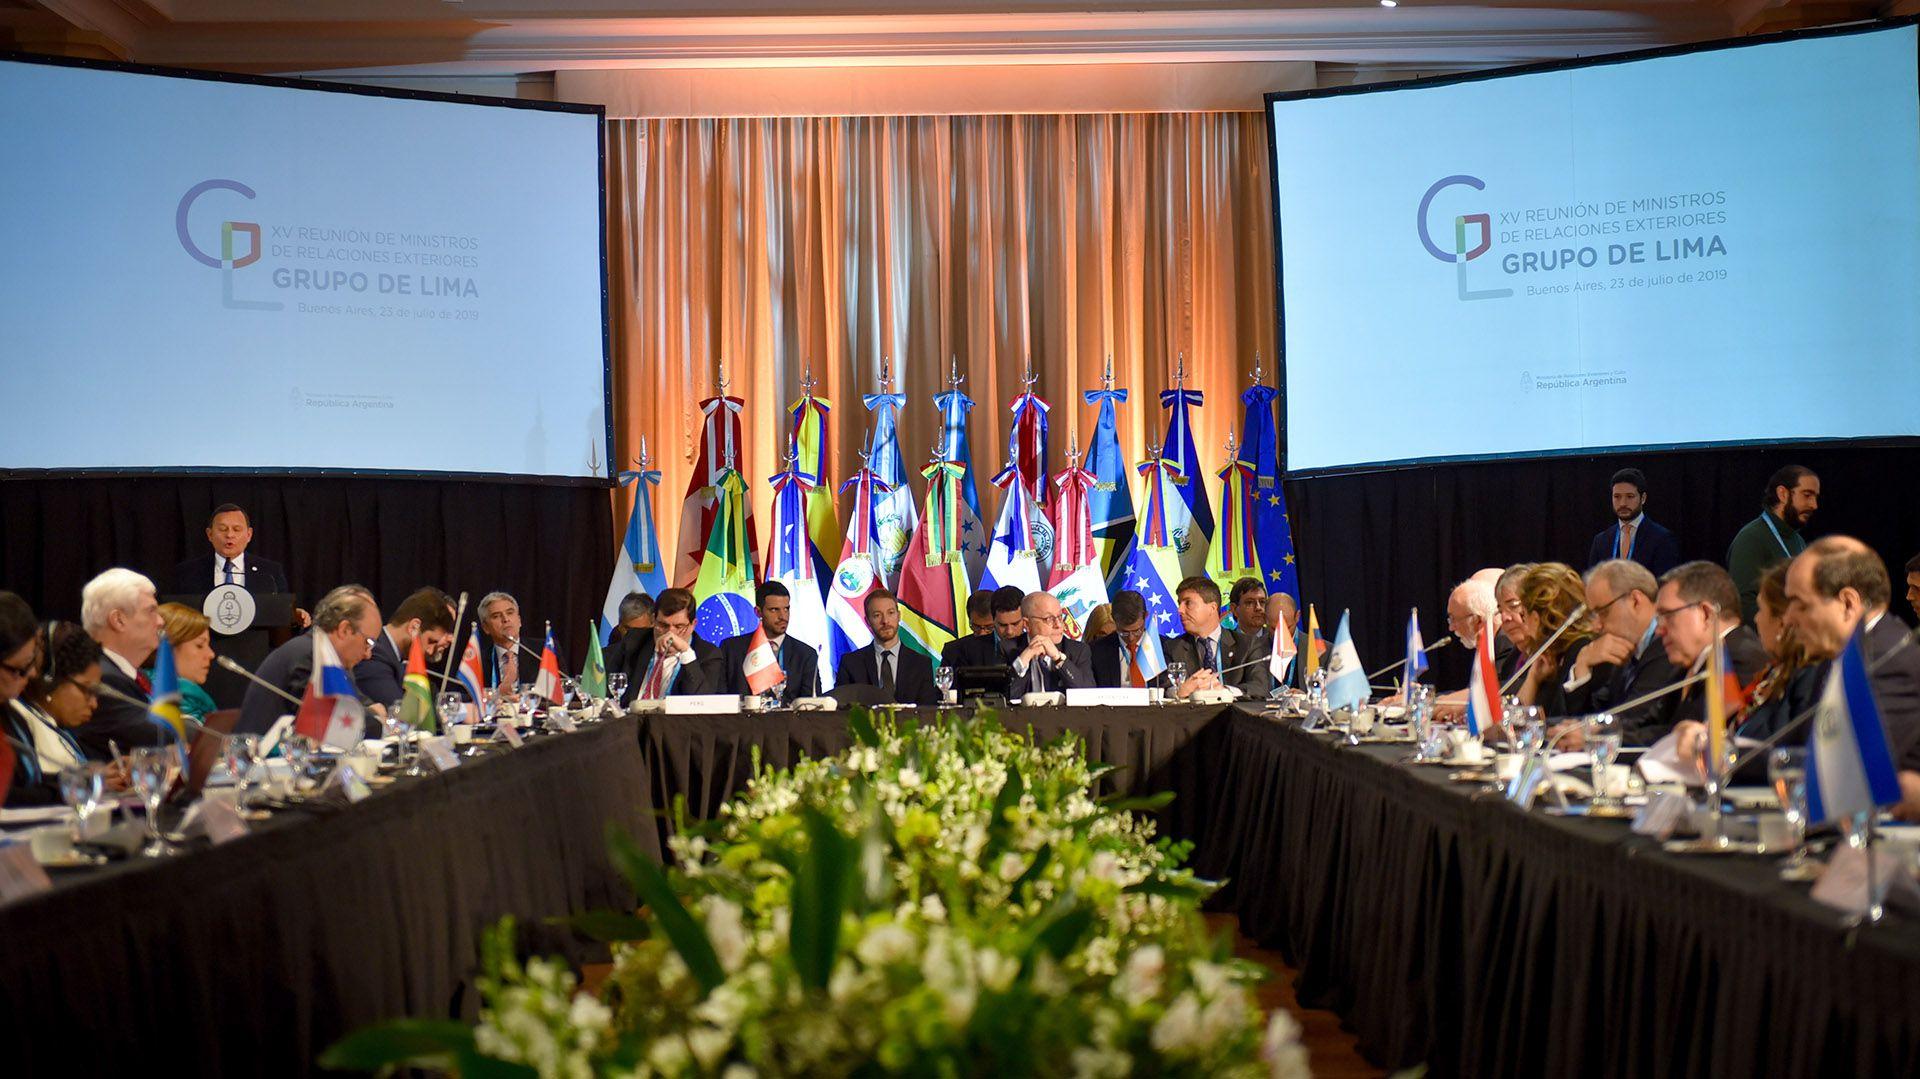 El Grupo de Lima realizó la convocatoria internacional para la Conferencia